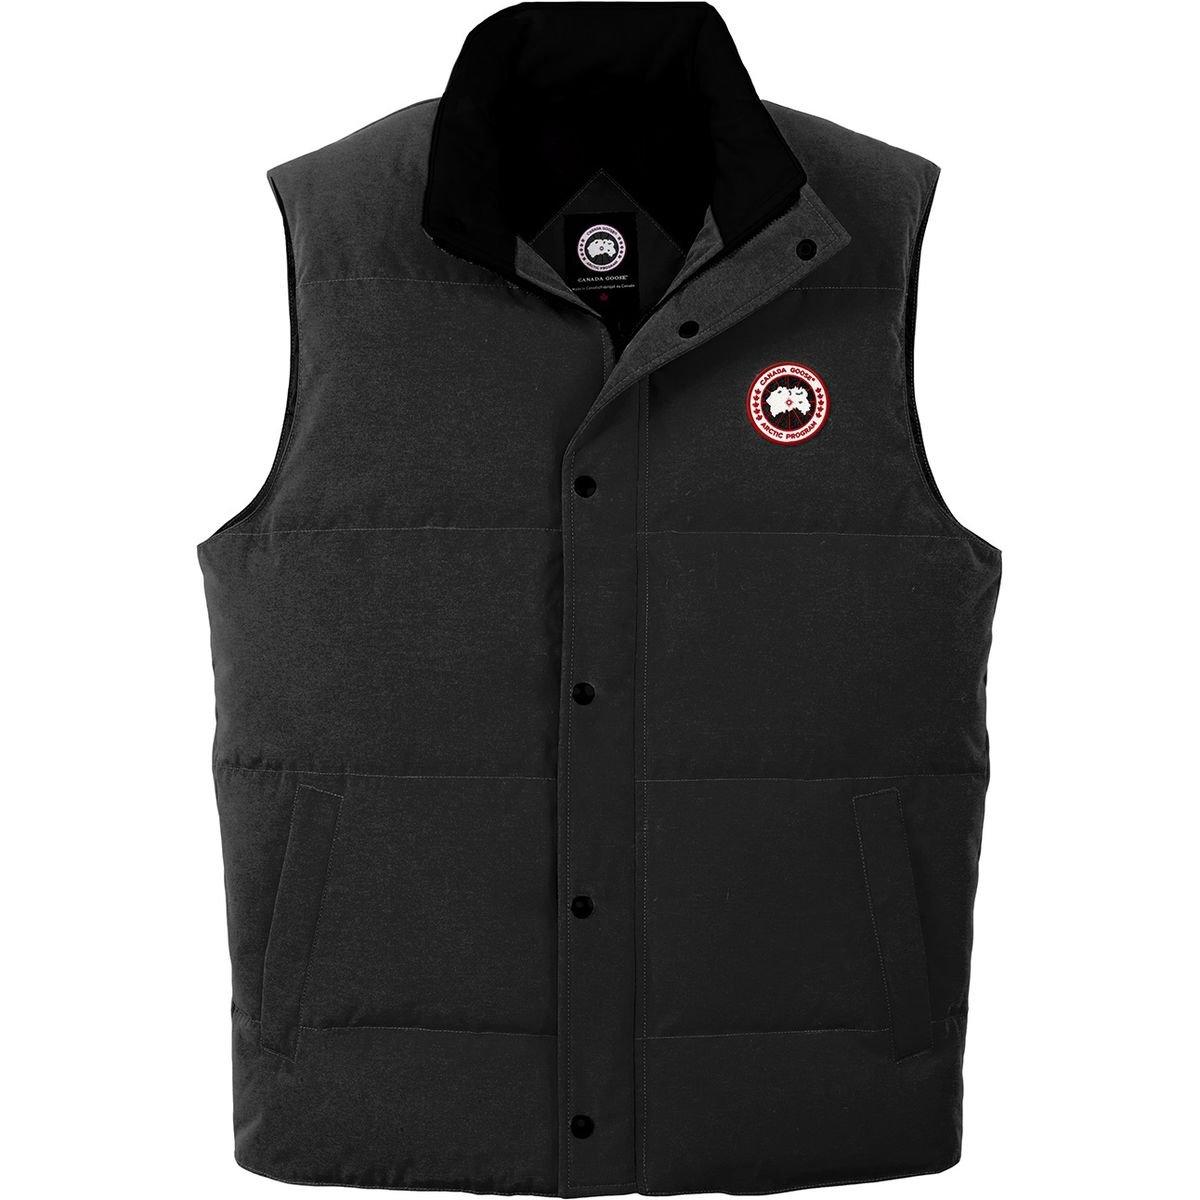 (カナダグース)Canada Goose Garson Down Vest メンズ ベストBlack [並行輸入品] B077N241BC 日本サイズ M (US S)|Black Black 日本サイズ M (US S)